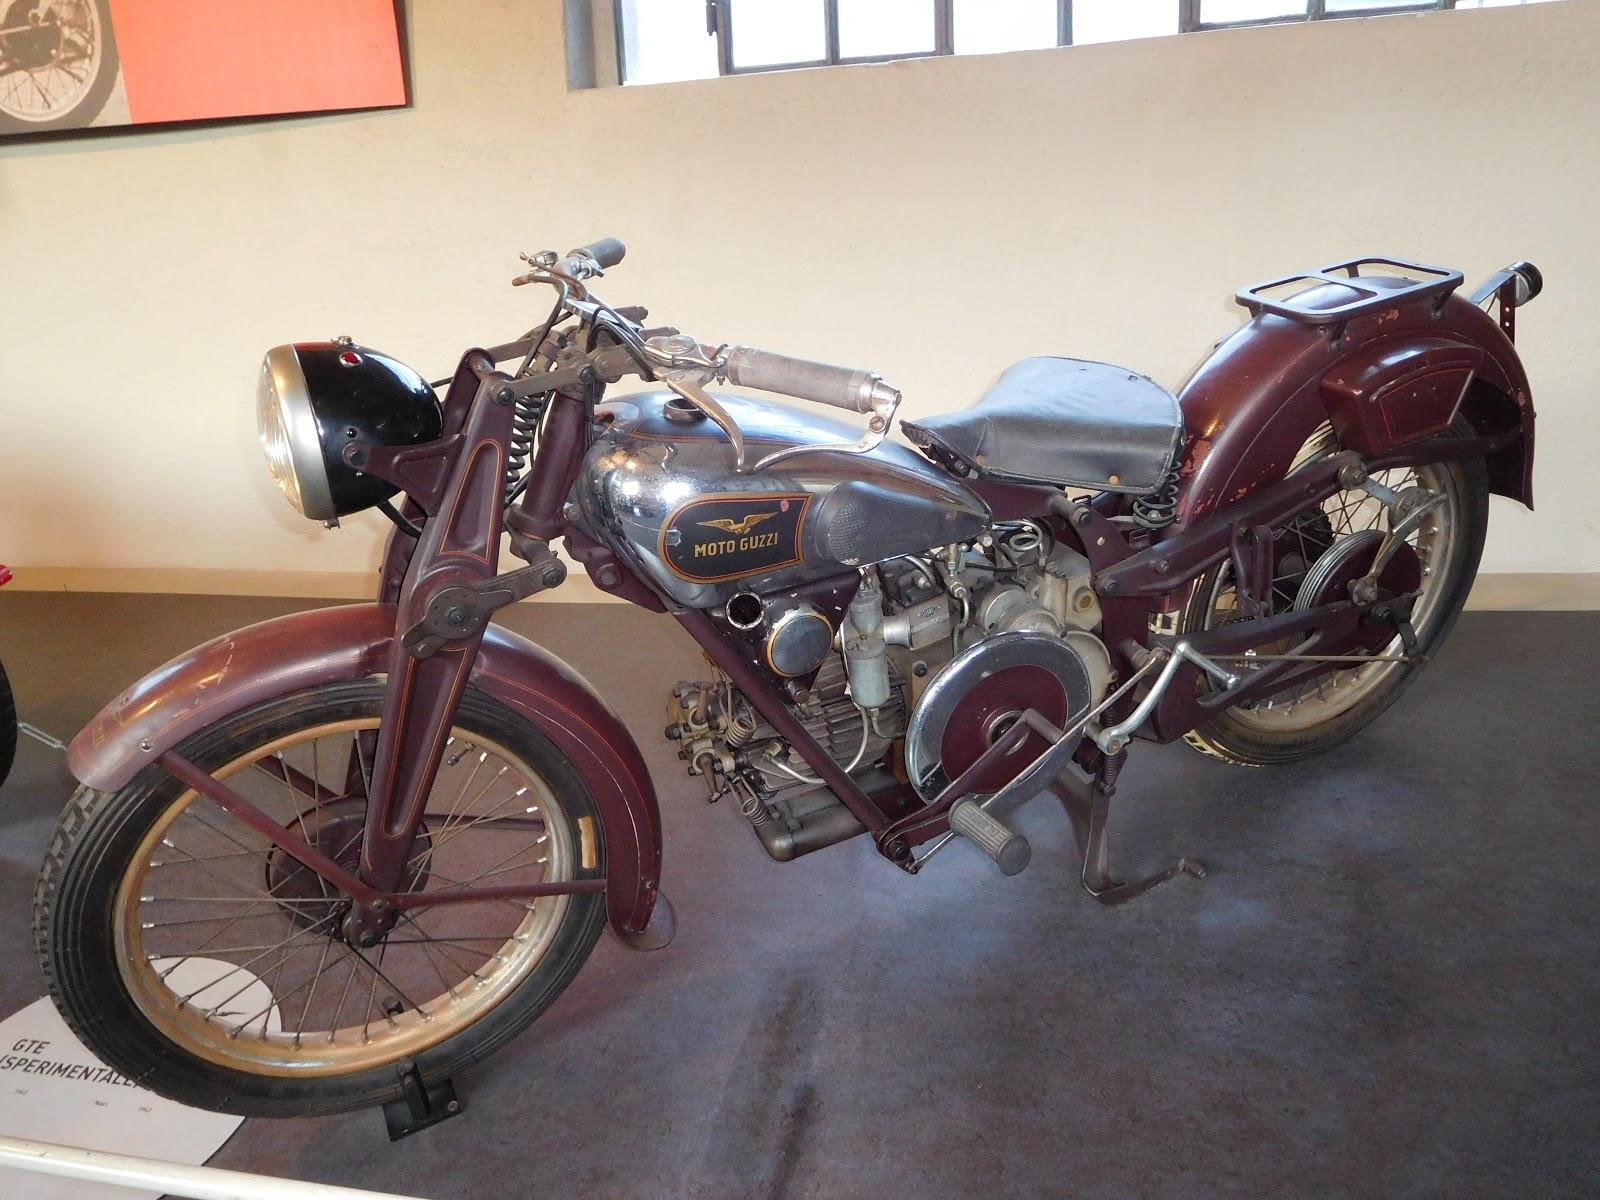 NYDucati: 1944 Moto Guzzi GTE